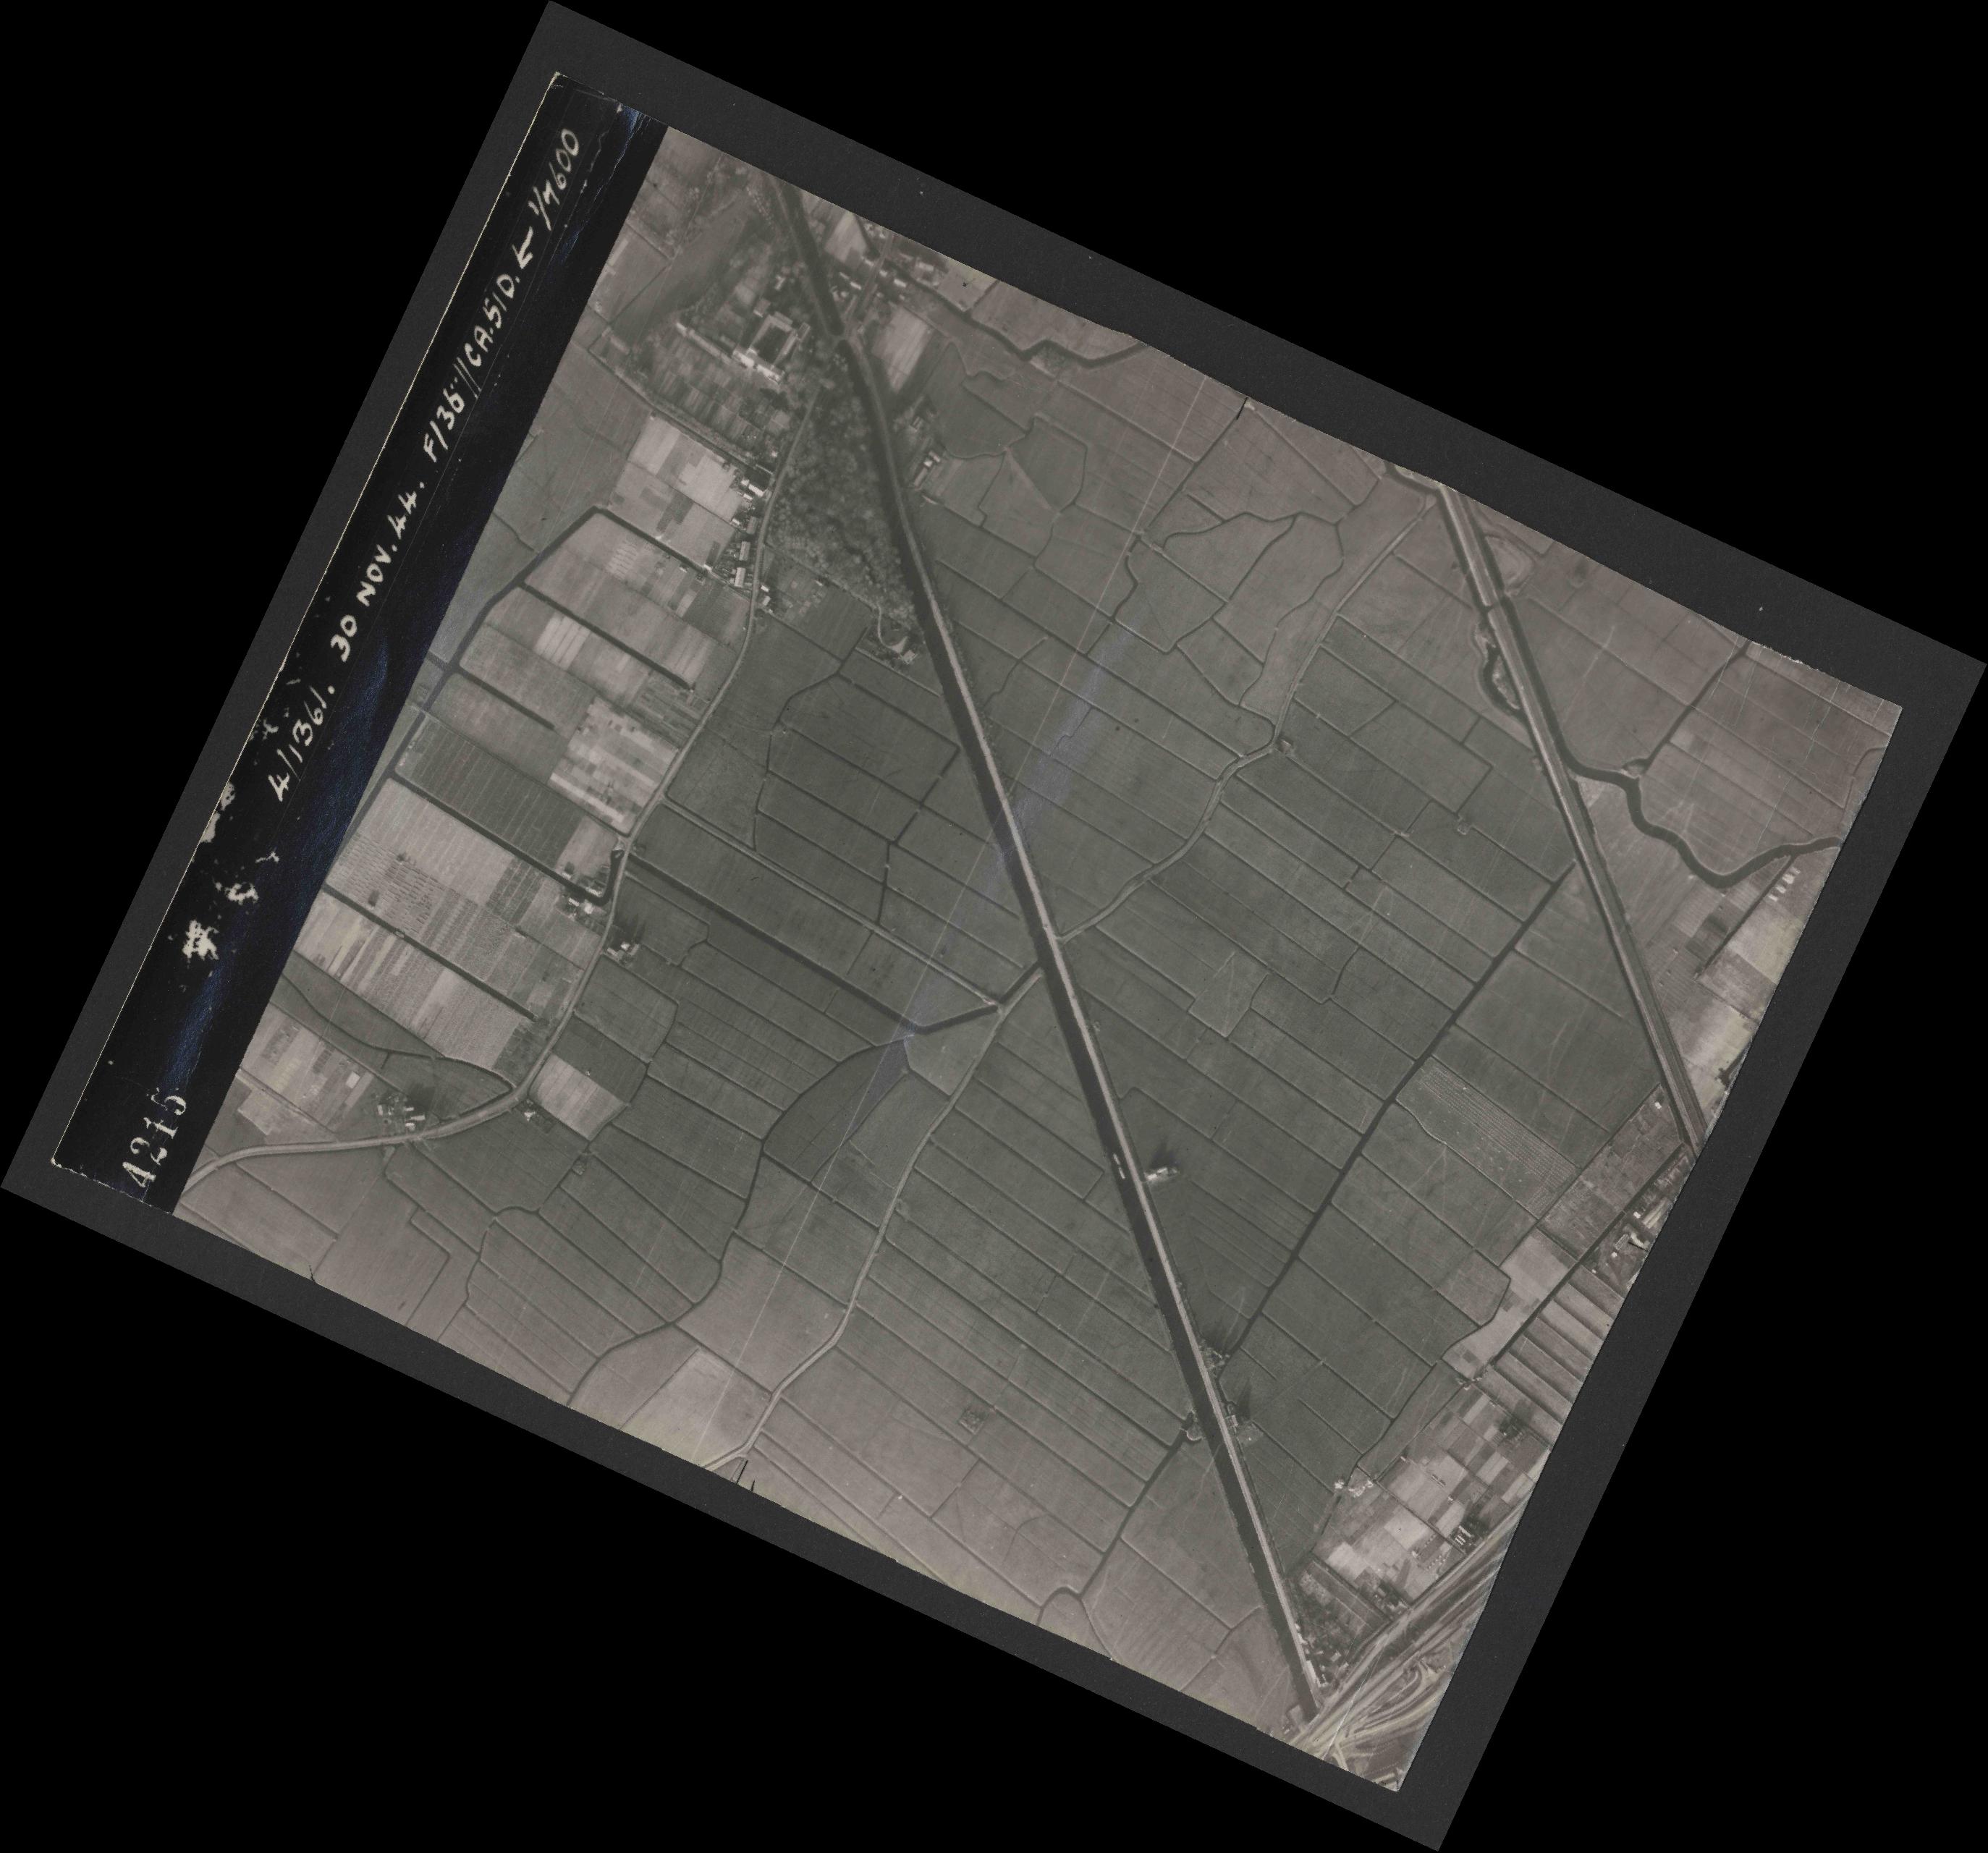 Collection RAF aerial photos 1940-1945 - flight 151, run 05, photo 4215